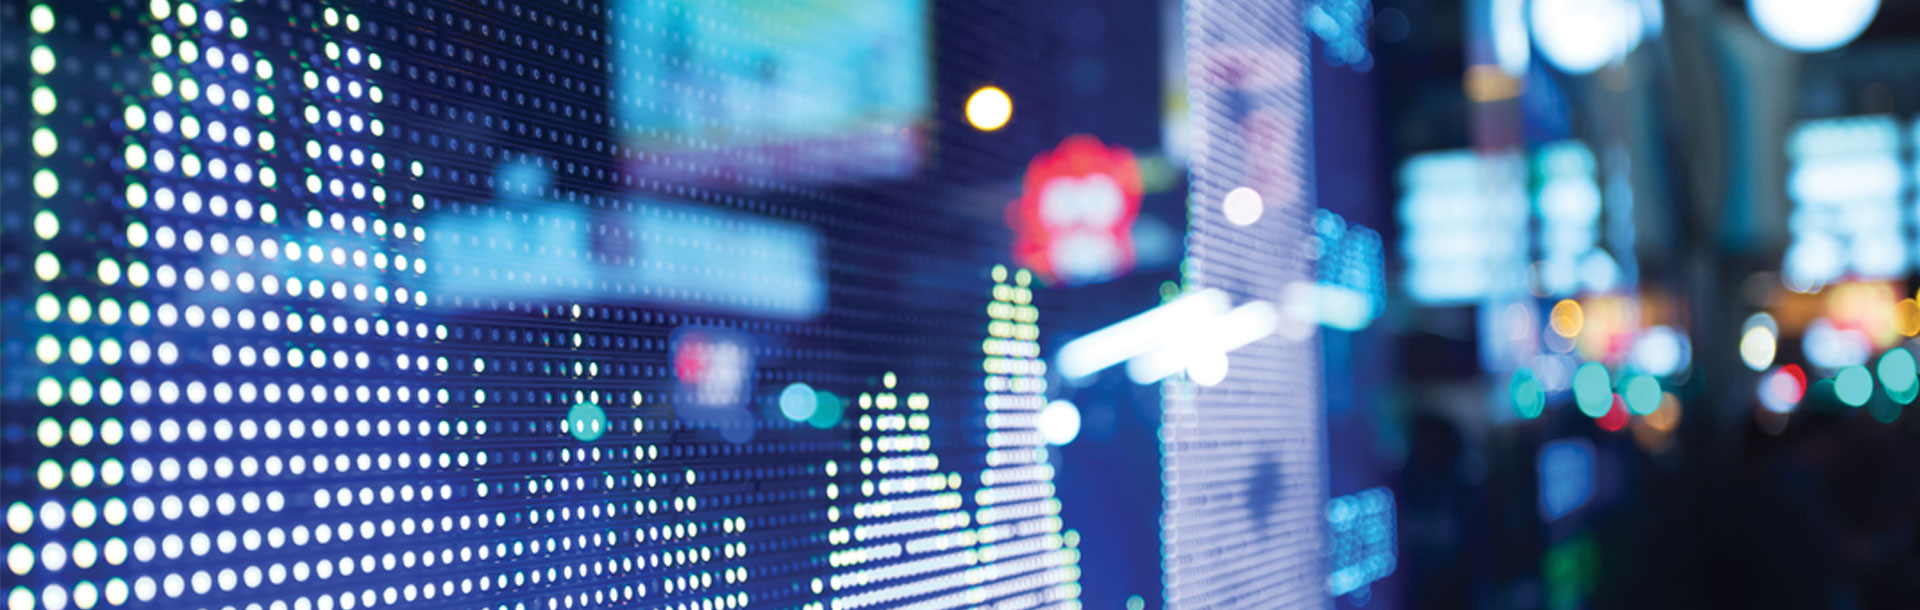 ACEPI è stata presente al  Digital Trading Online Expo il 22 ottobre alle ore 11.00